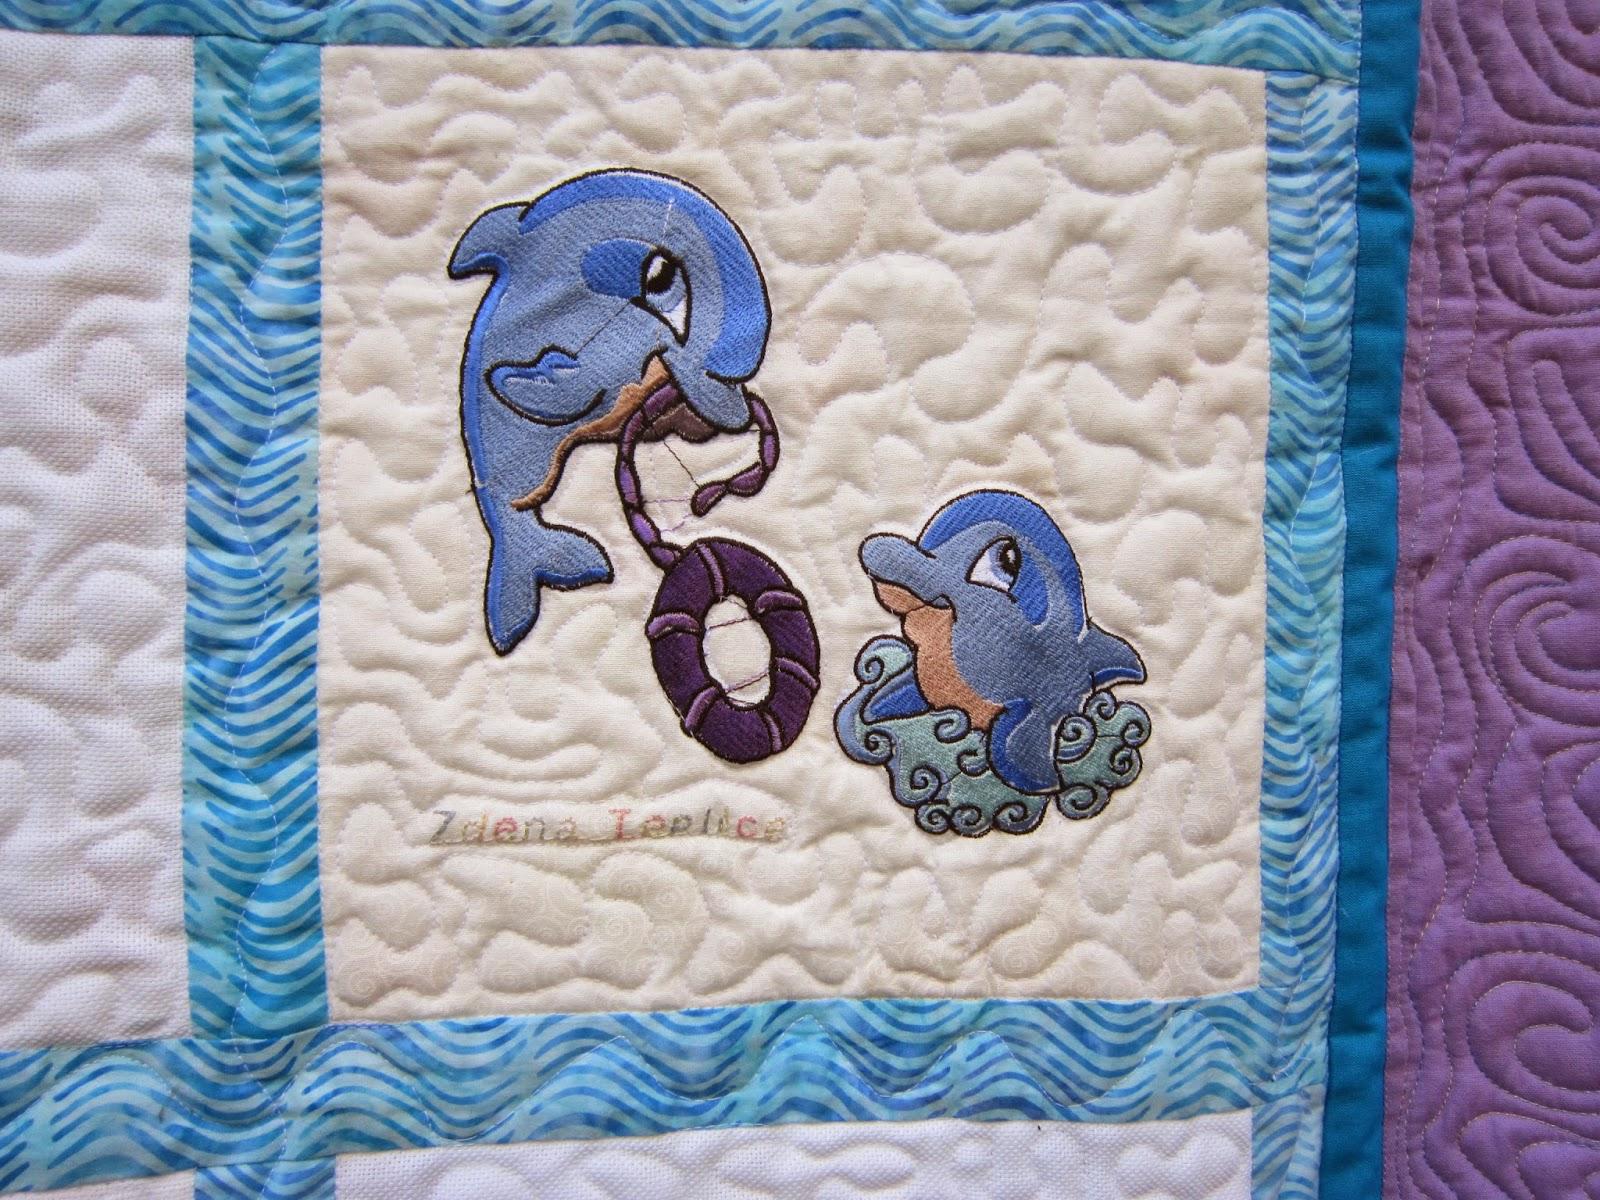 hravé delfíny vyšila Zdena z Teplic